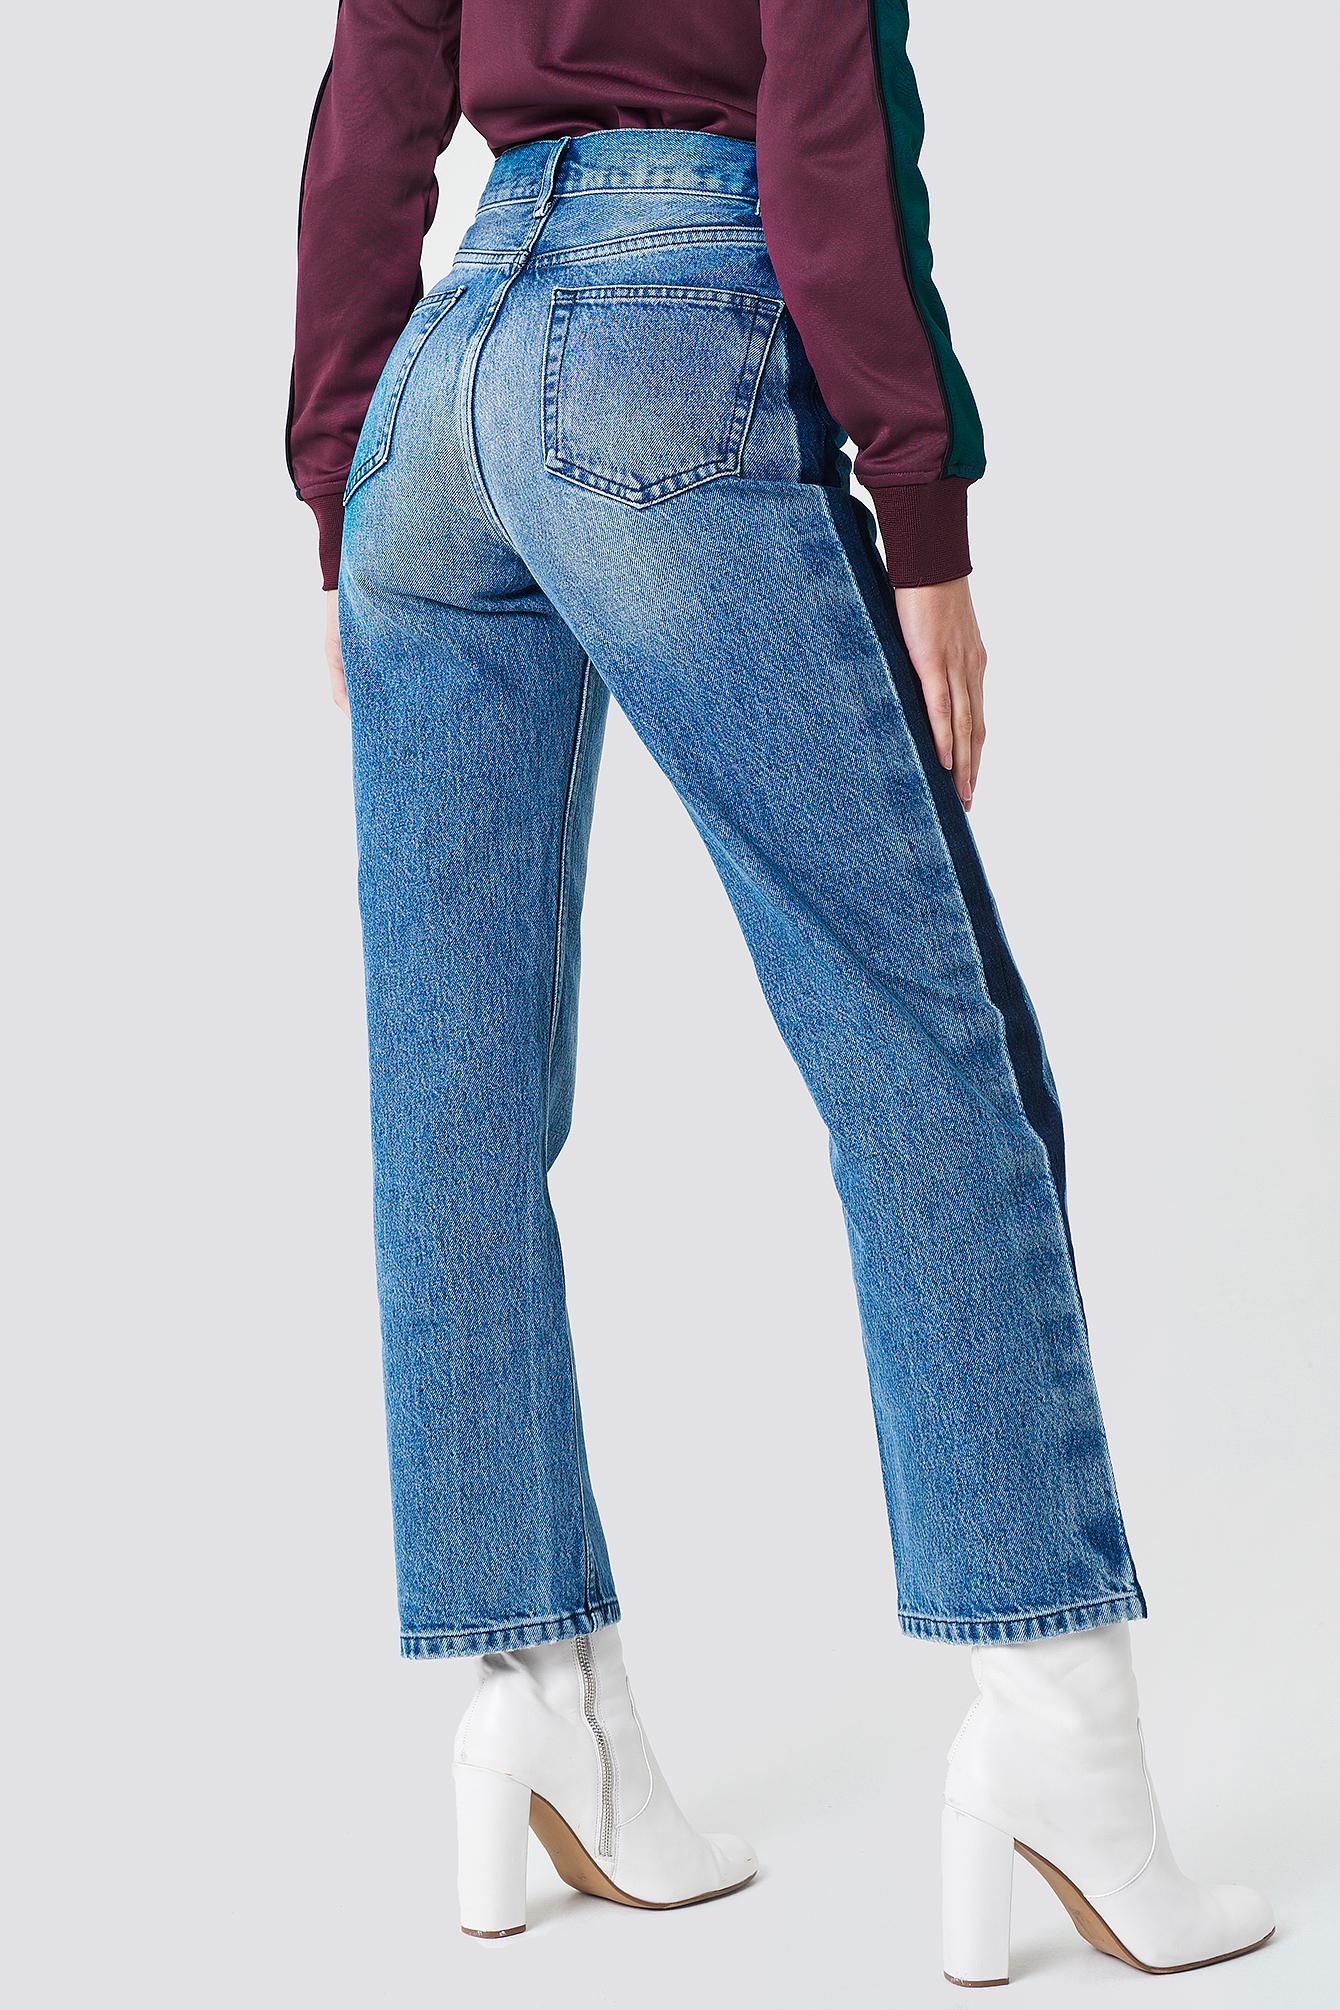 Jeansy z szerokimi nogawkami NA-KD.COM